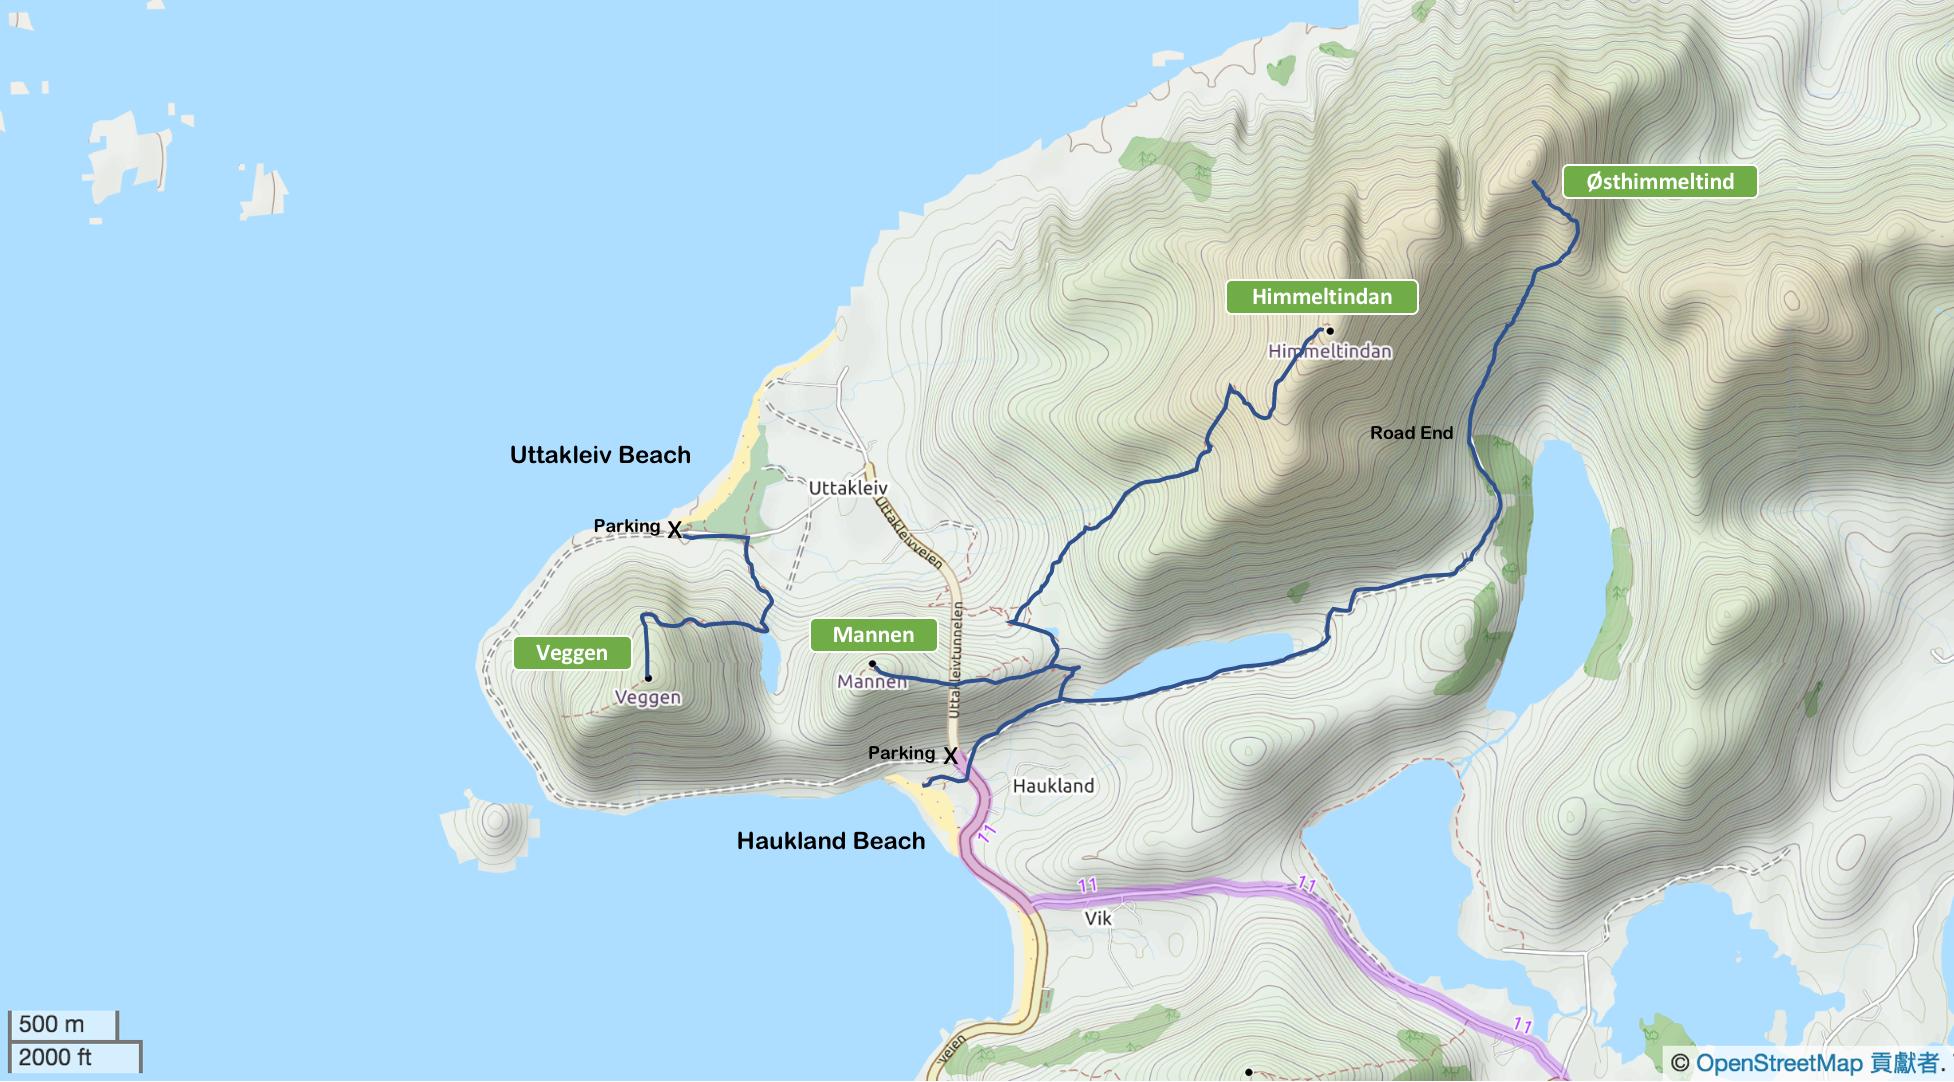 【羅弗敦群島】與羊共舞的人間仙境 - Uttakleiv Beach 與 Haukland Beach 50